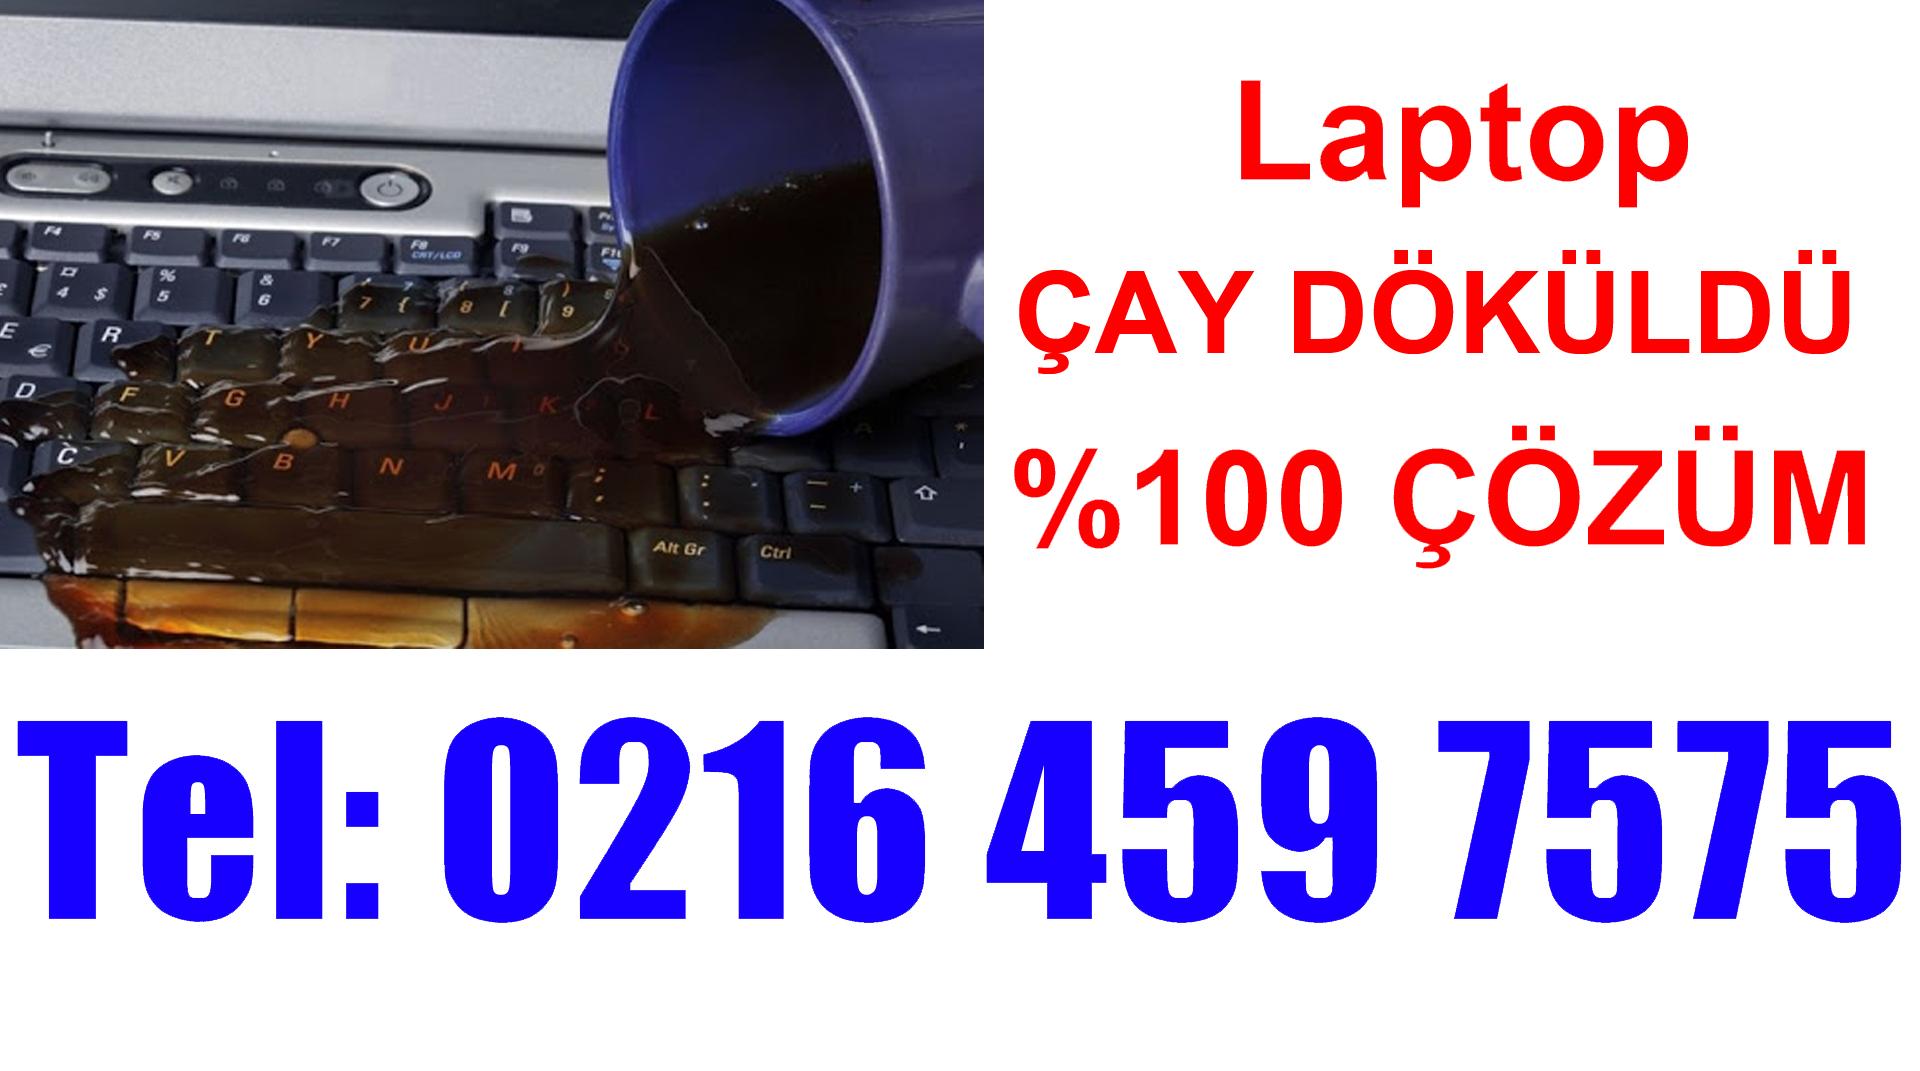 Laptopa Çay Döküldü Kapandı